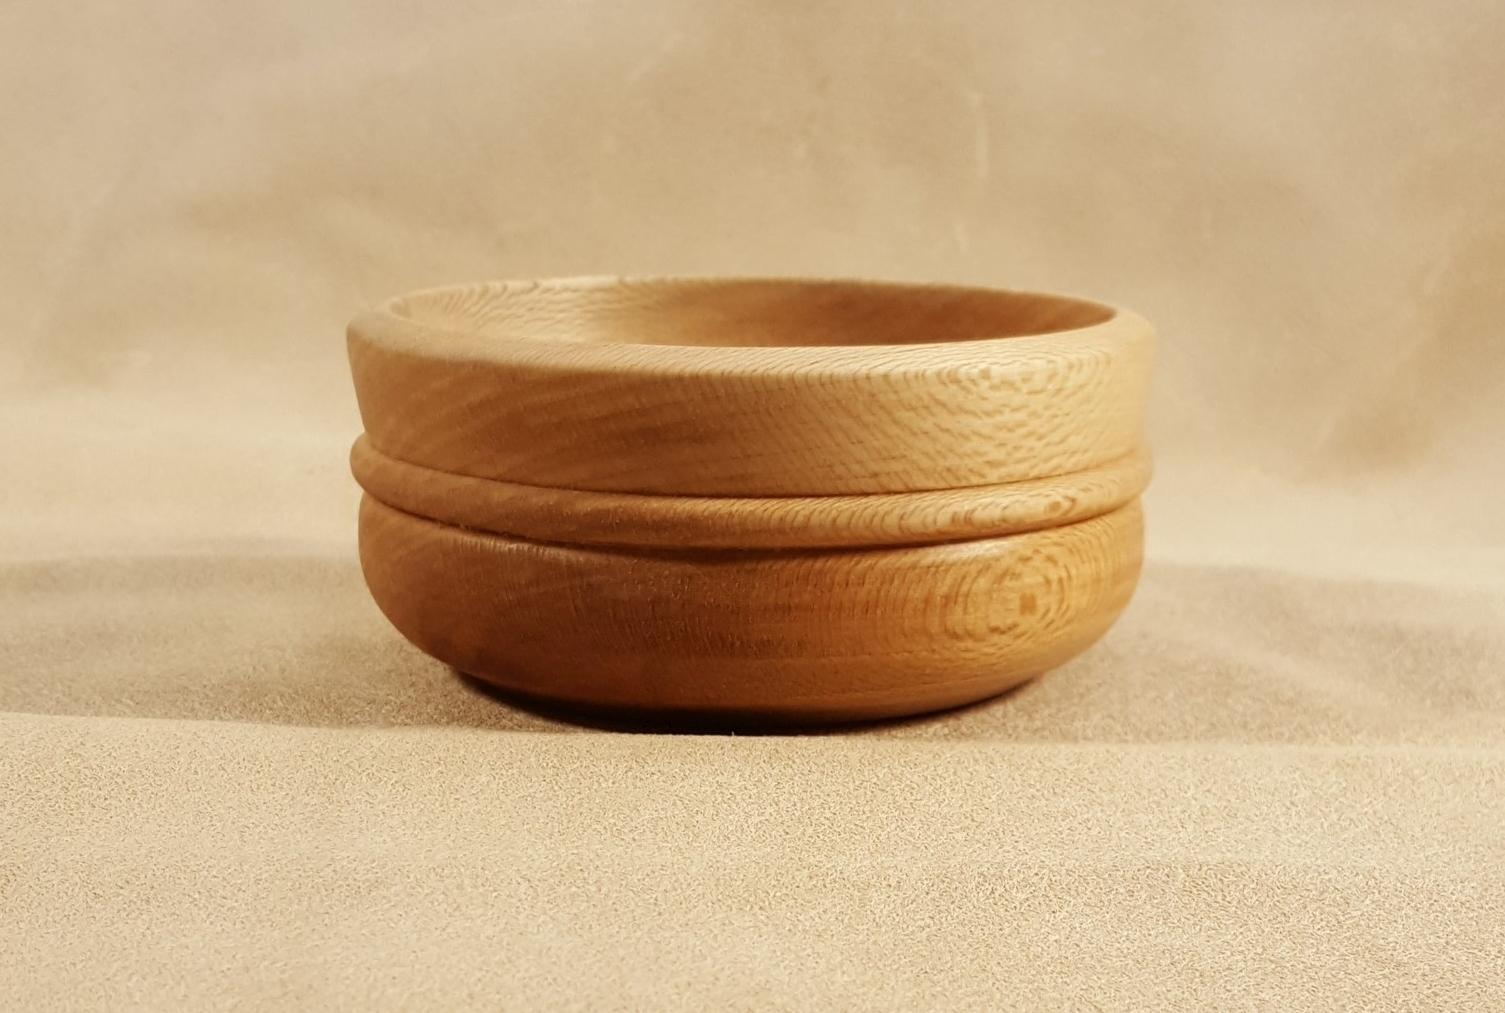 Sycamore Small Wood Bowl/Dish